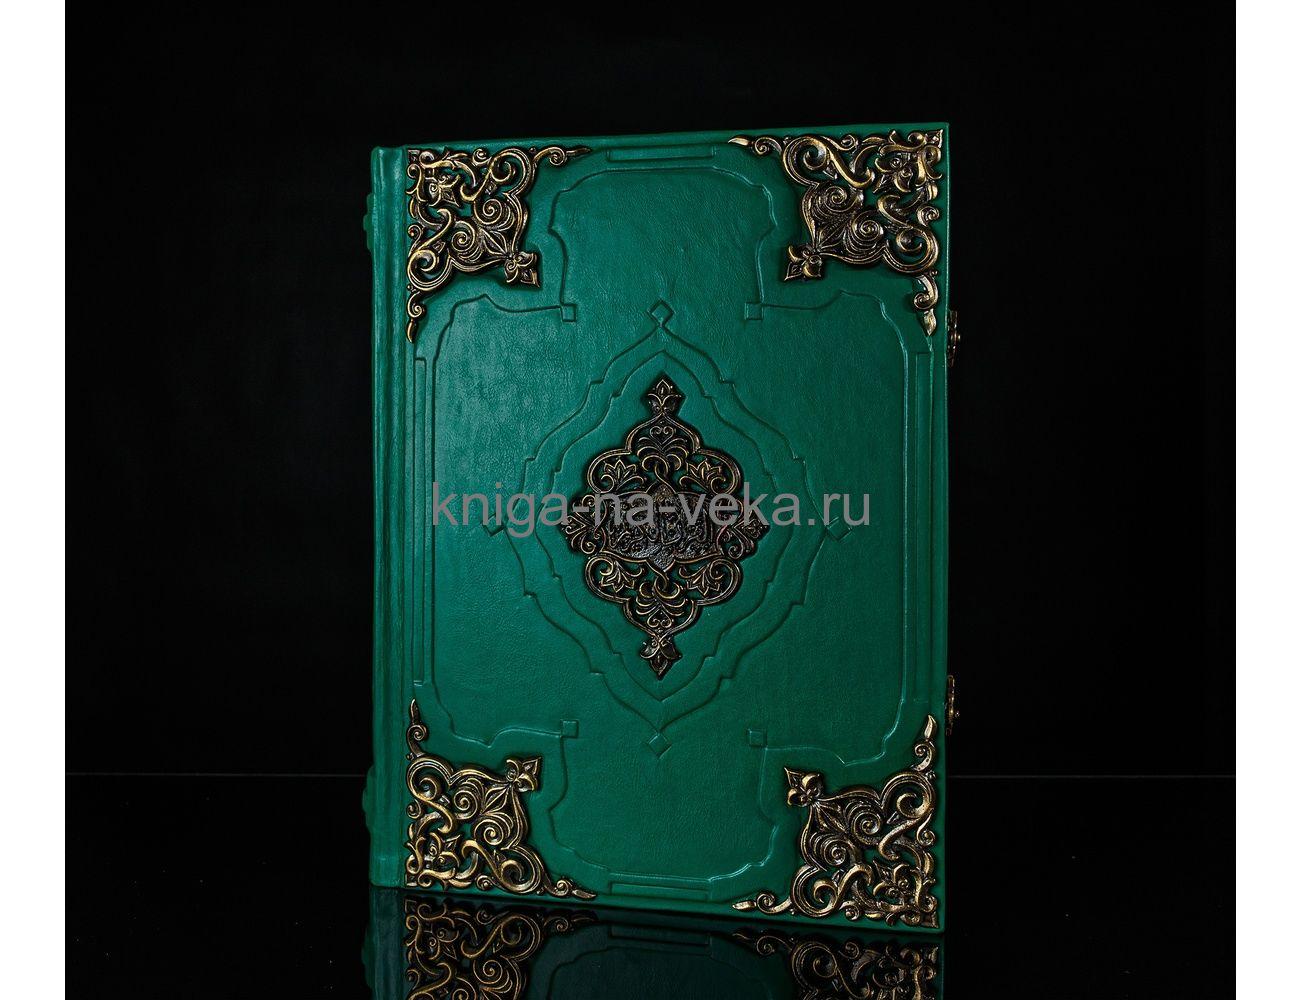 Книга «Коран» в кожаном переплёте с бронзовыми накладками